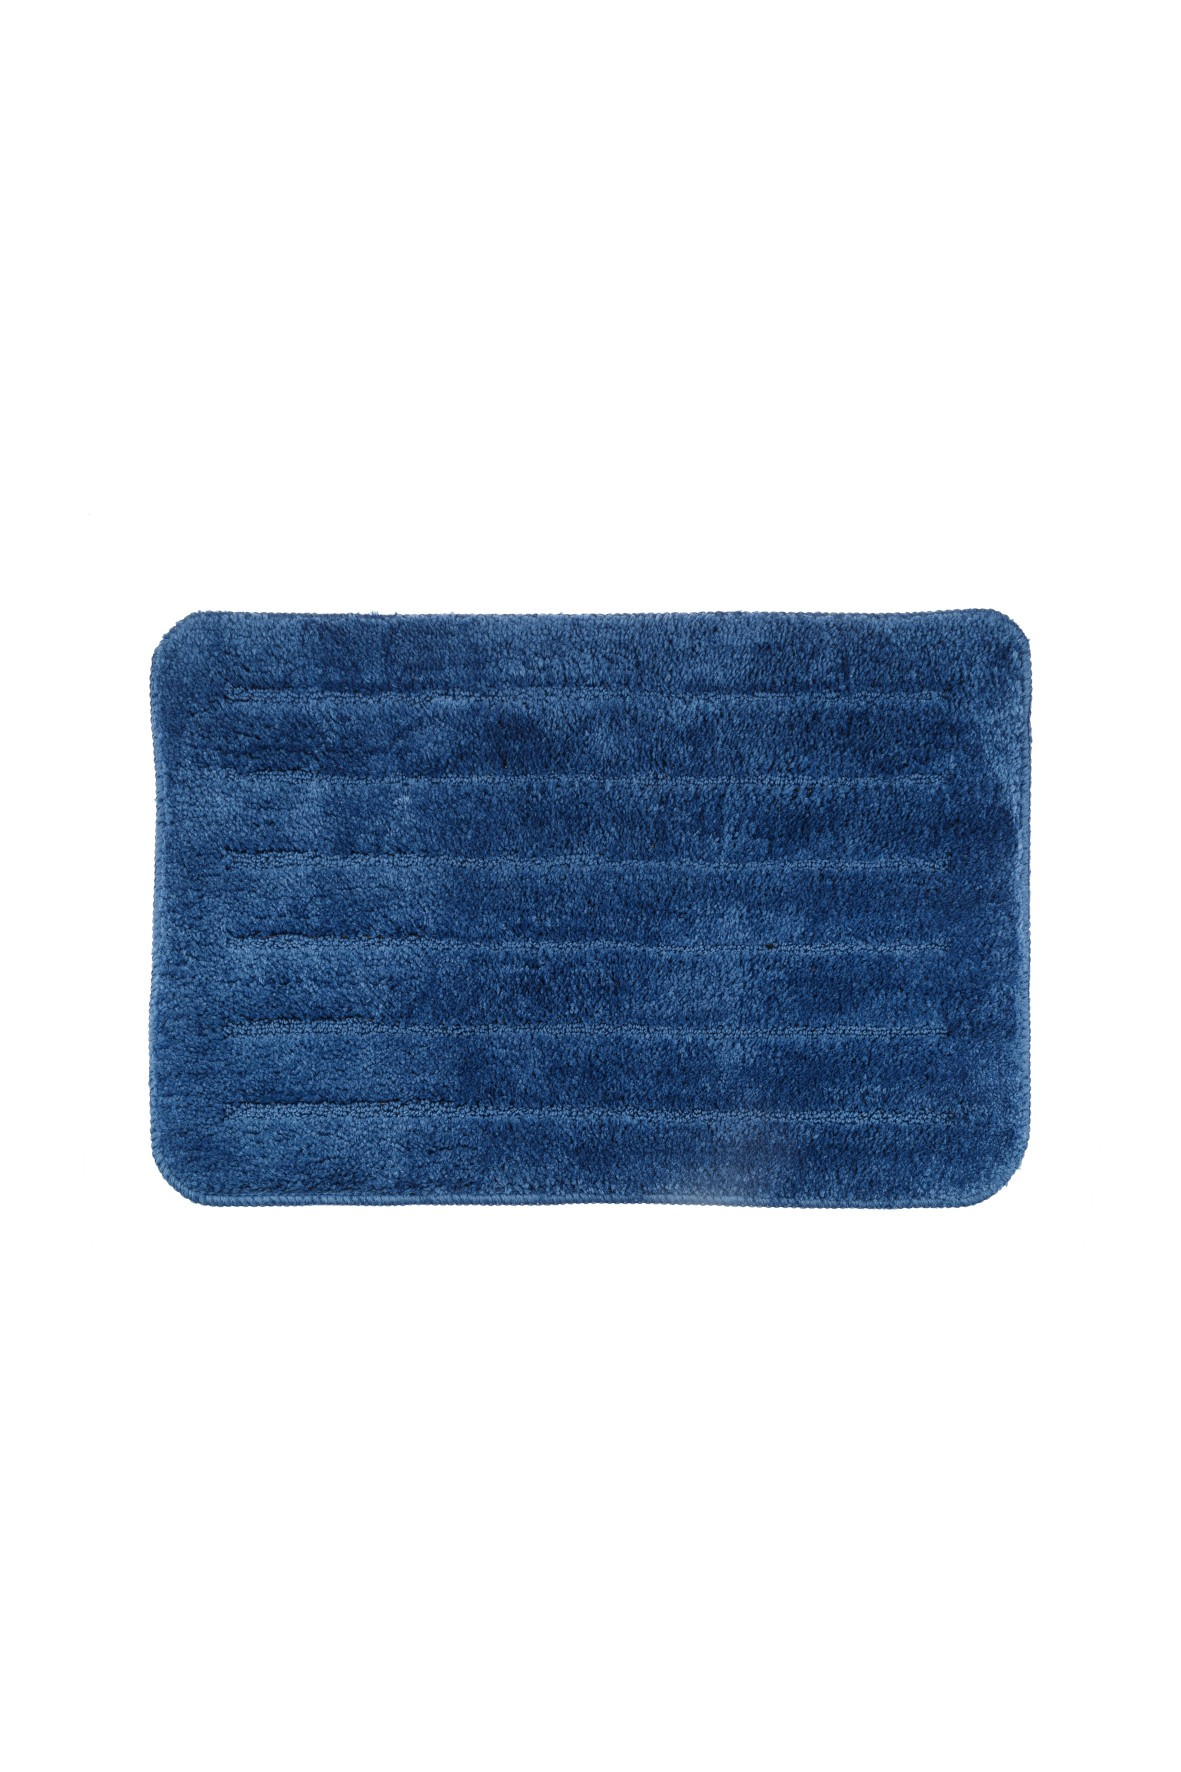 Dywanik łazienkowy laguna niebieski 60x40cm